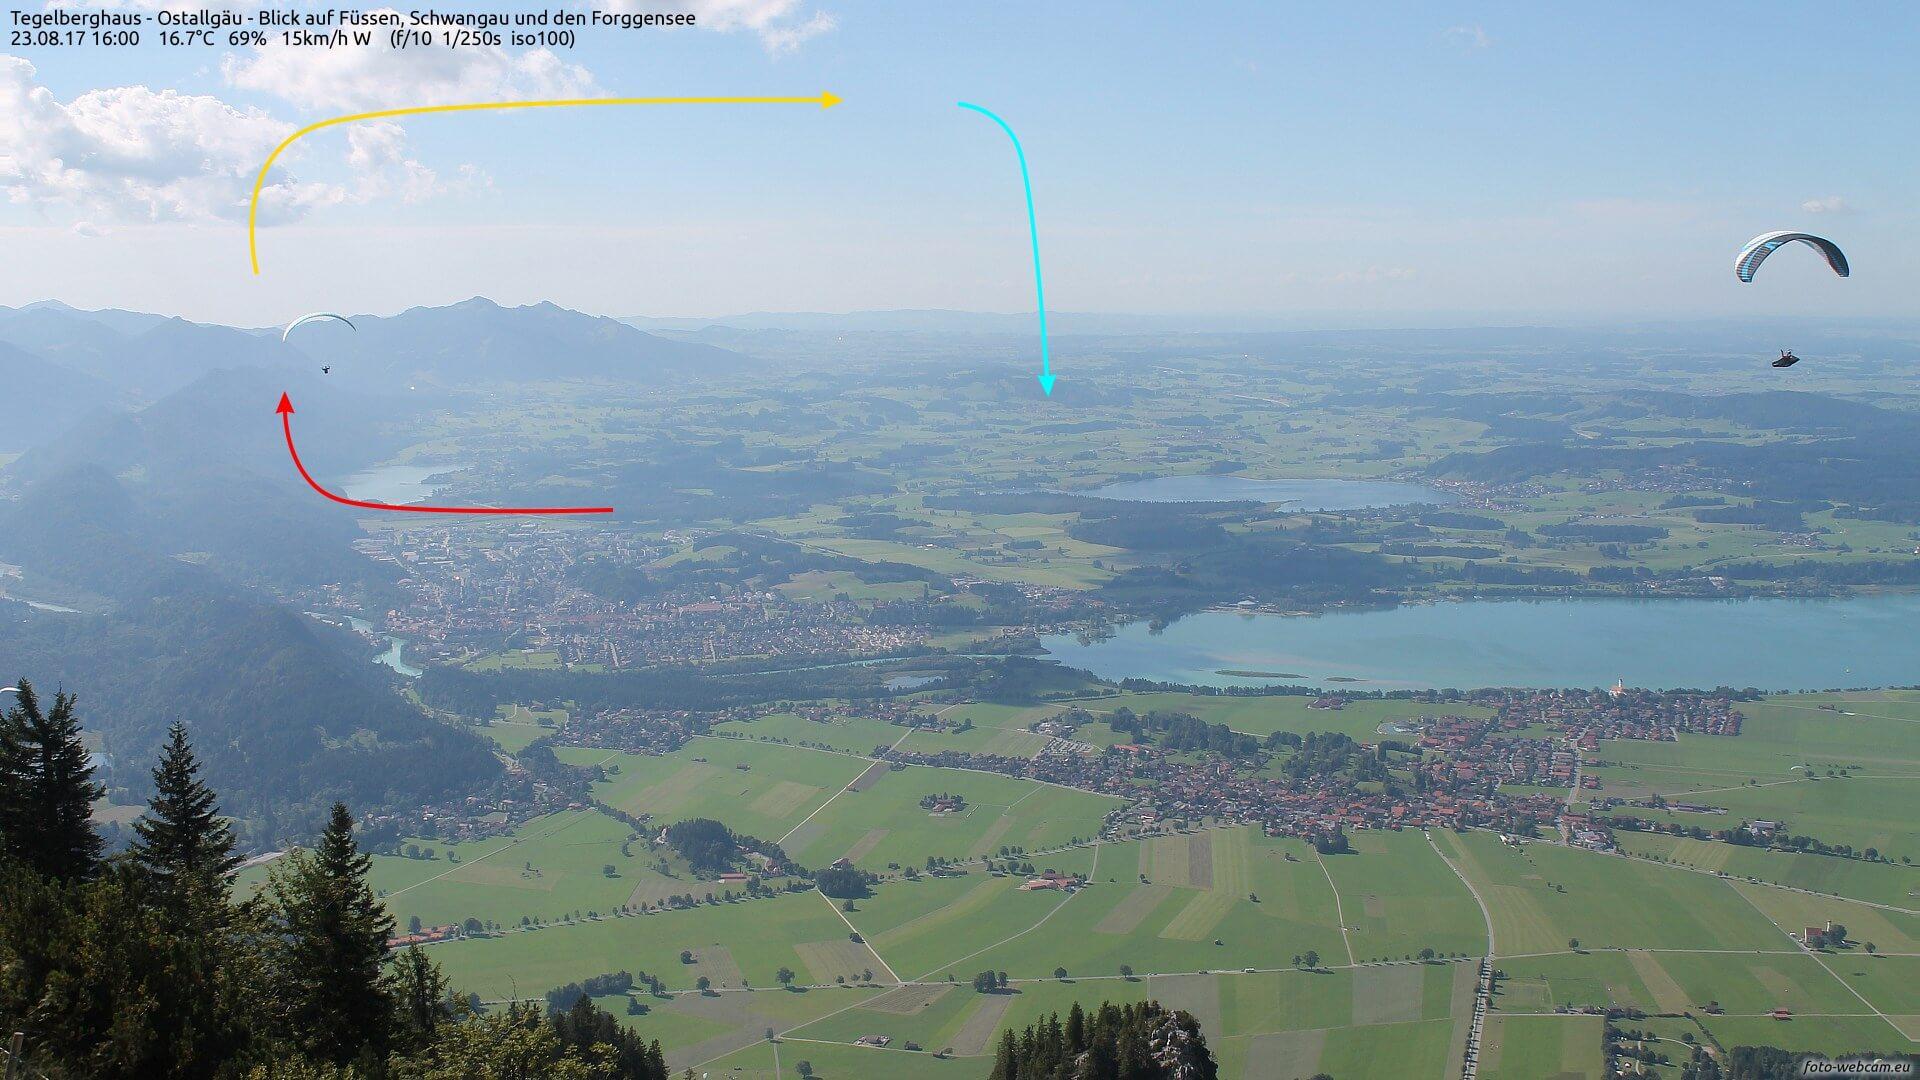 Paragleiter am Alpenrand. © www.foto-webcam.eu